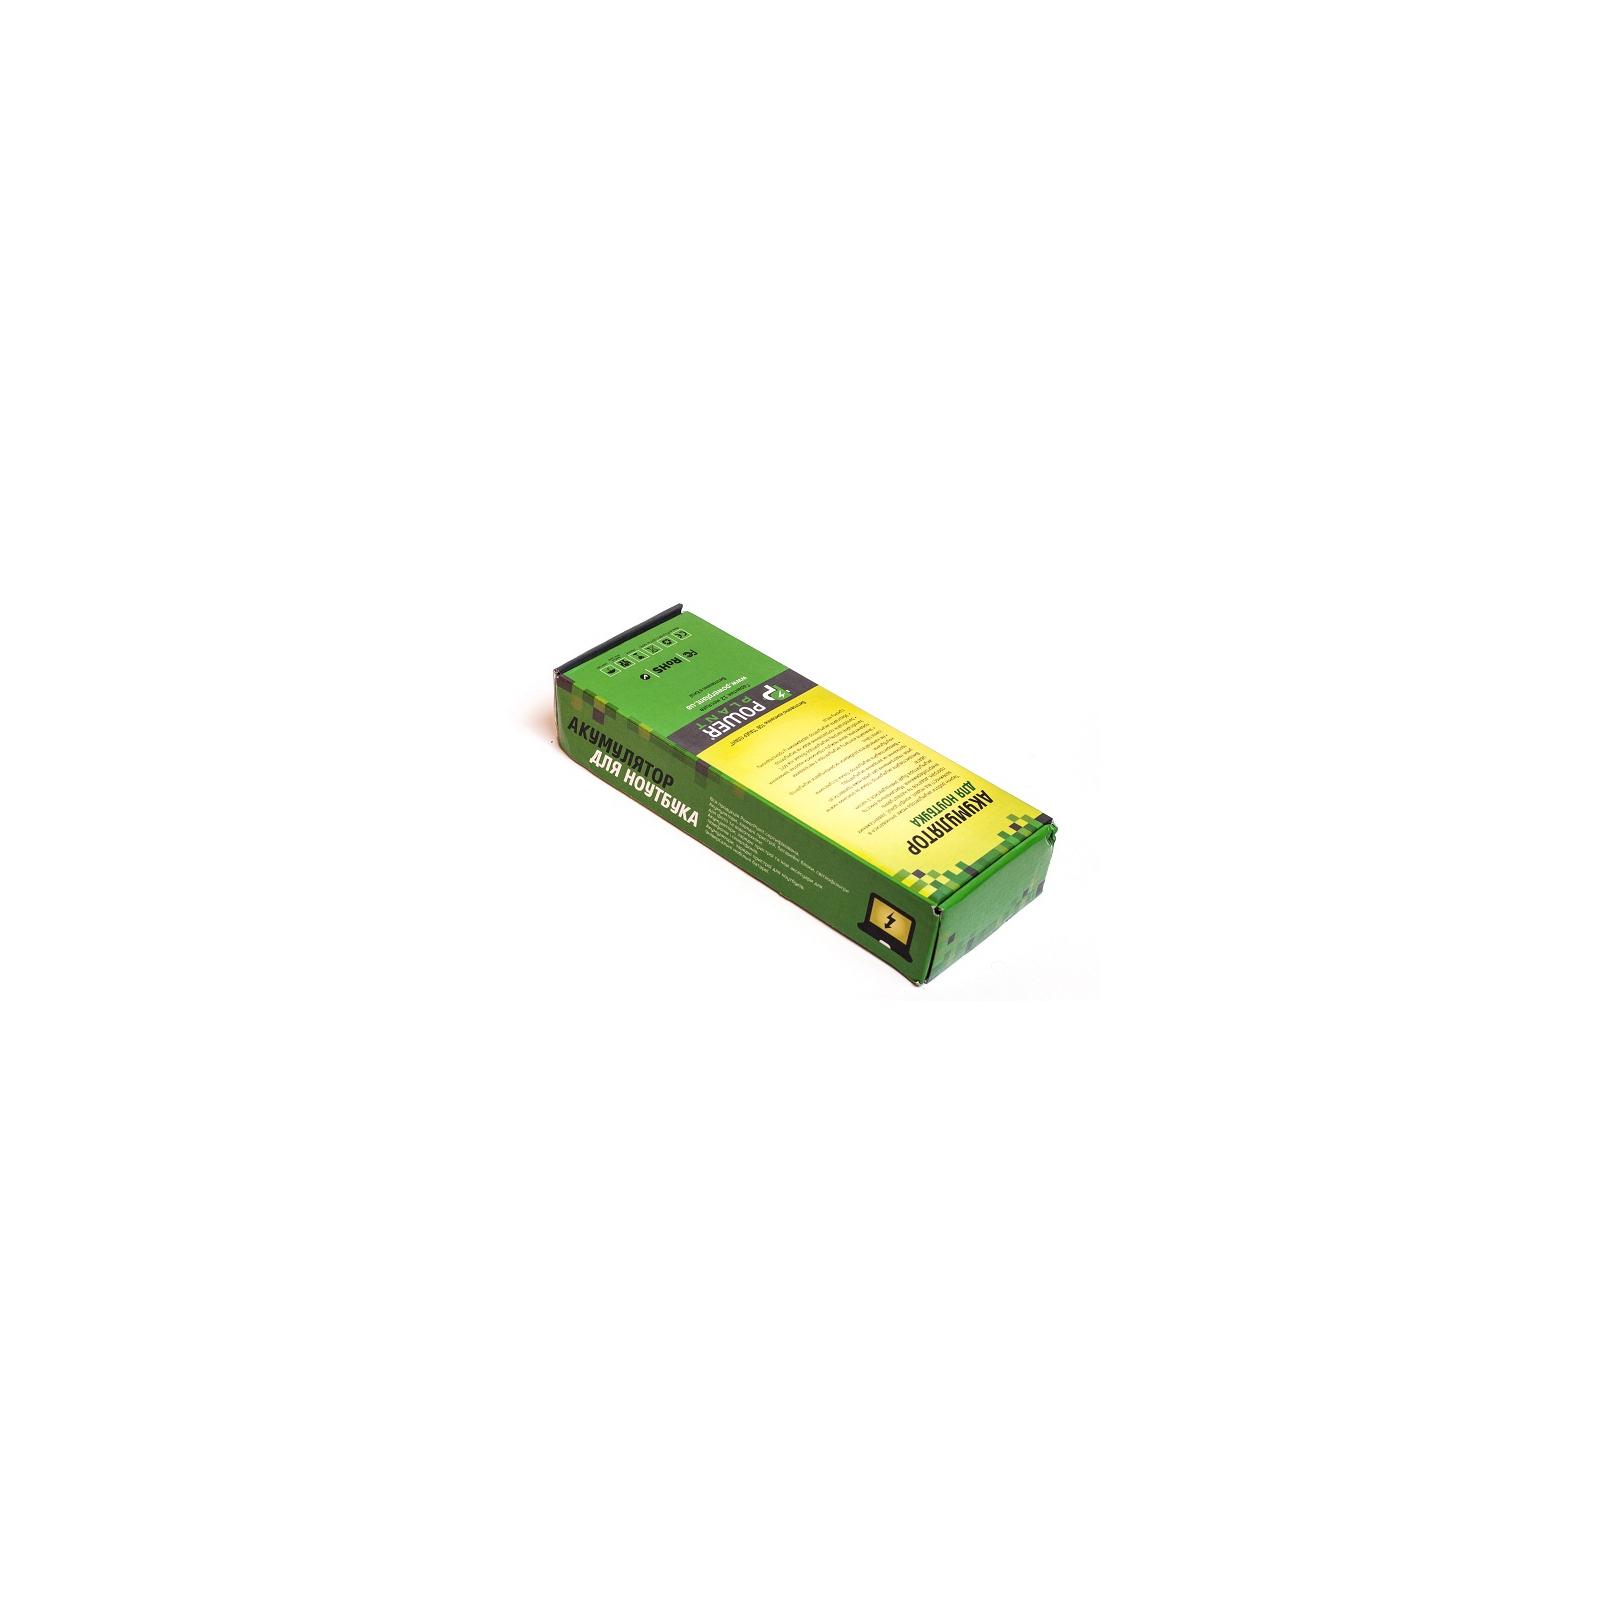 Аккумулятор для ноутбука SAMSUNG Q318 (AA-PB9NC6B, SG3180LH) 11.1V, 5200mAh PowerPlant (NB00000059) изображение 2